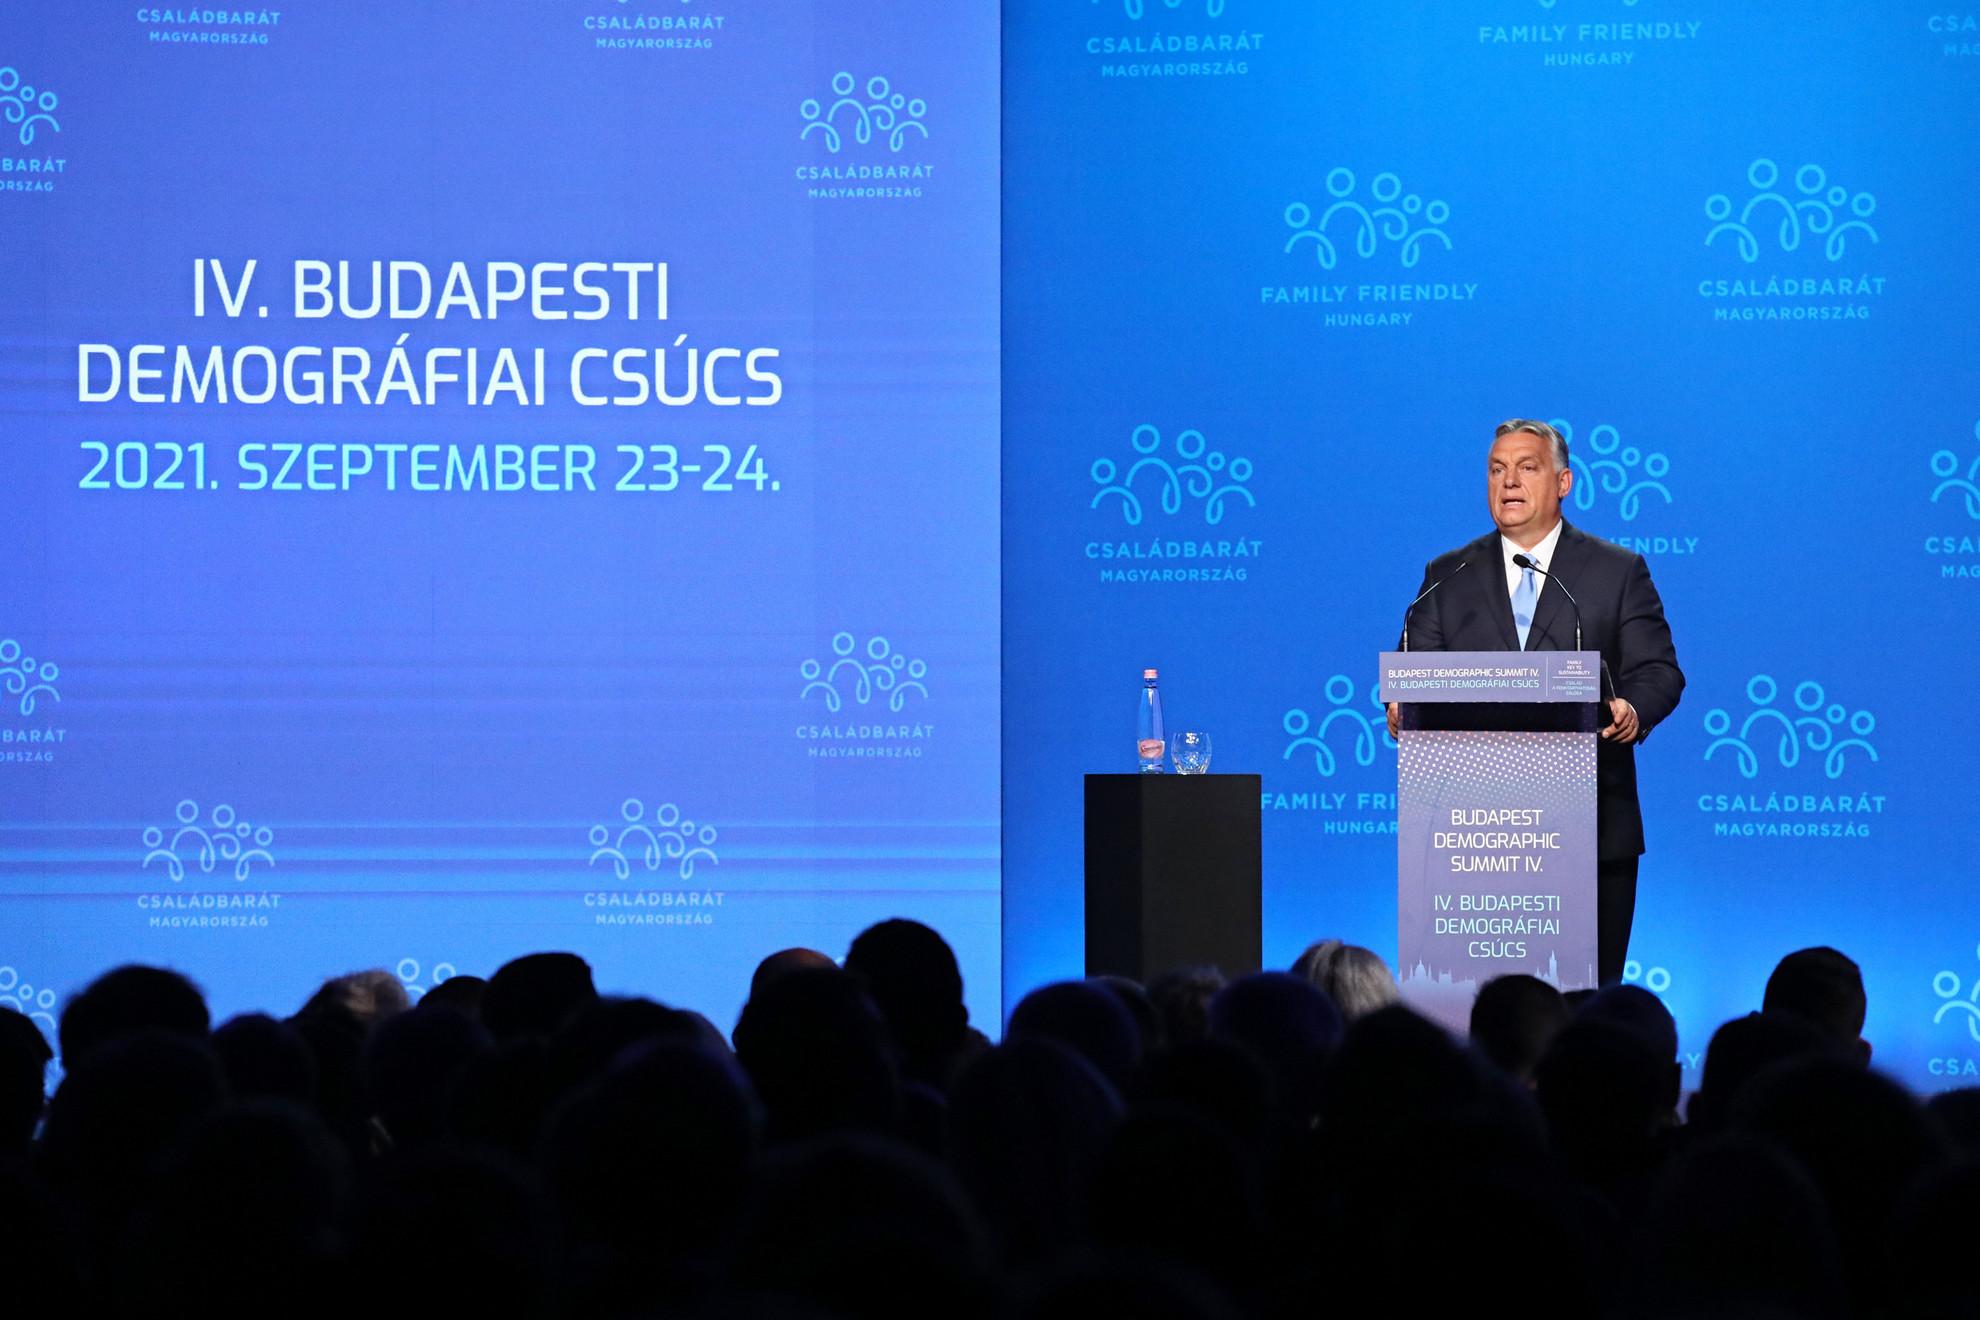 Orbán Viktor miniszterelnök a IV. Budapesti Demográfiai Csúcson a Várkert Bazárban 2021. szeptember 23-án